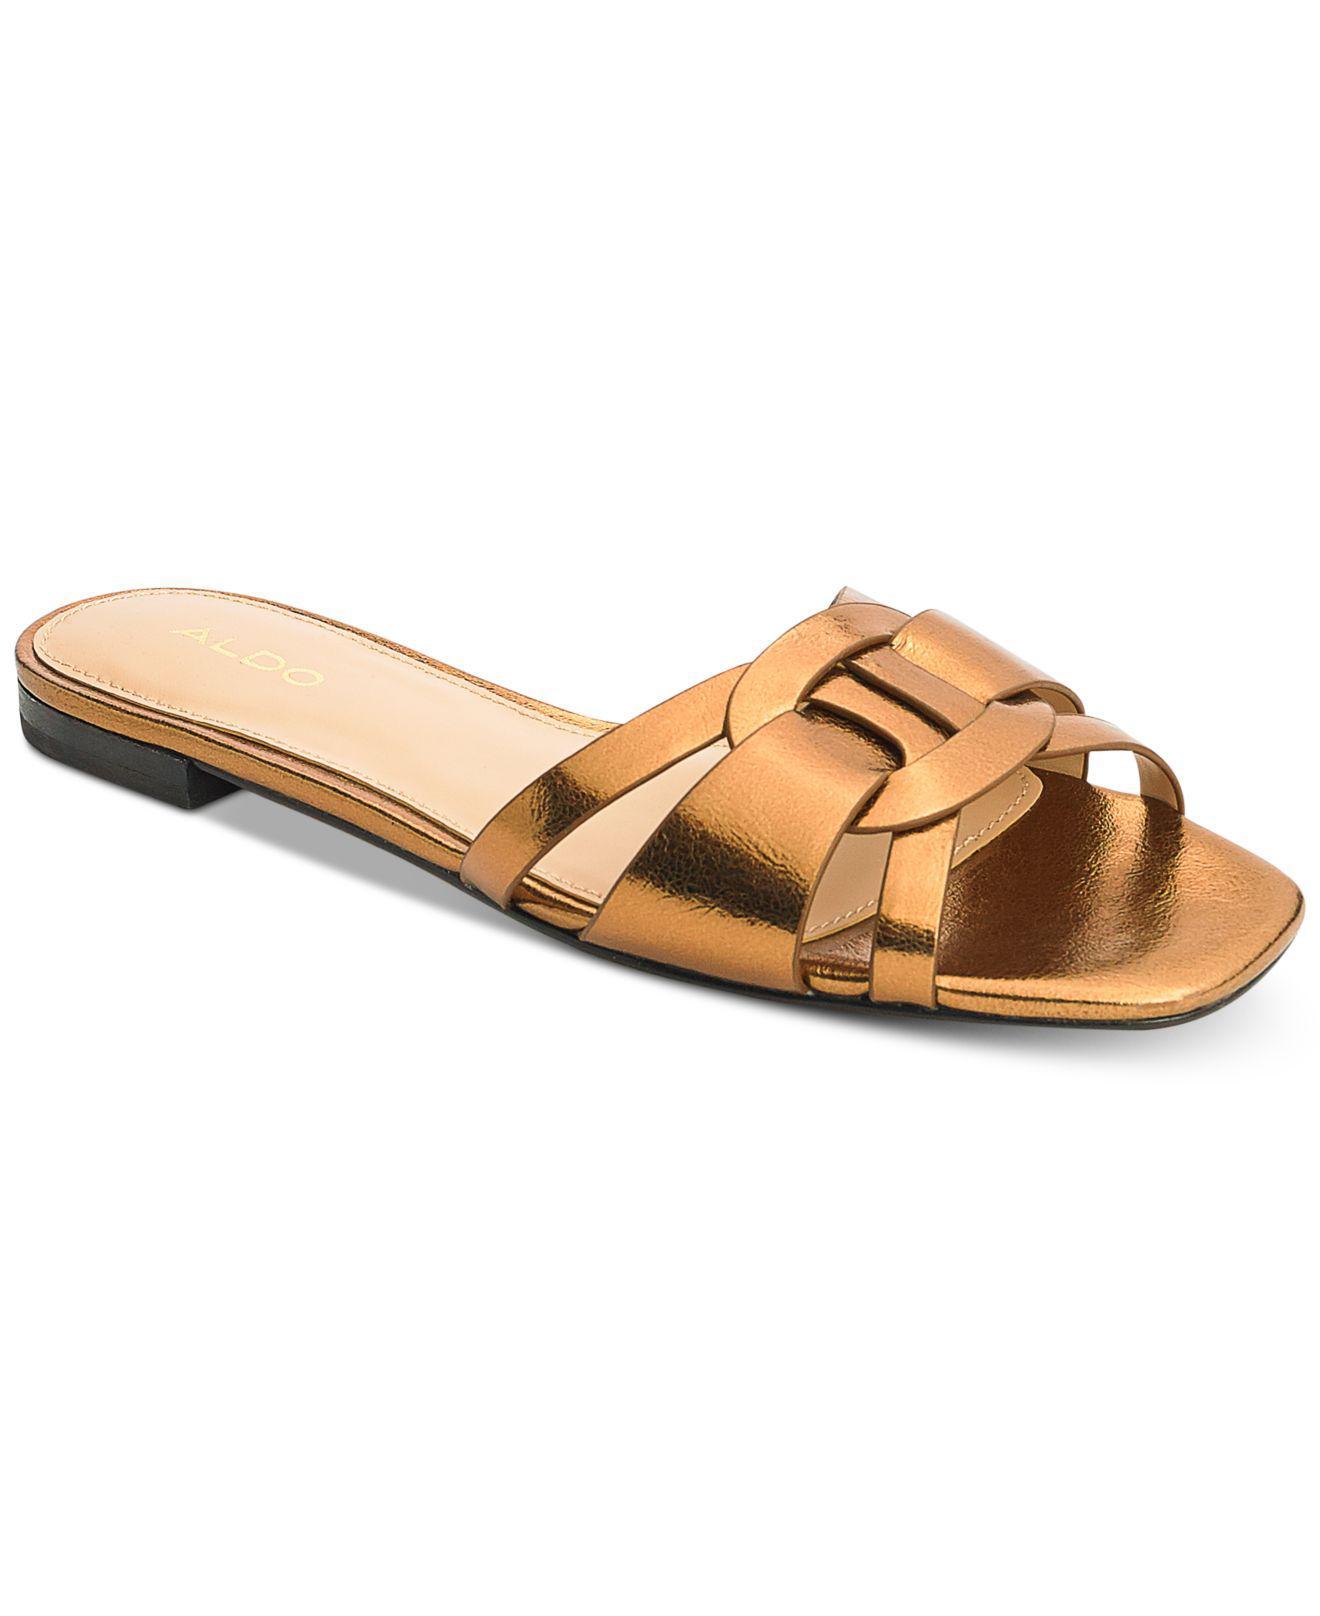 7756cfb5da5 Lyst - ALDO Astirassa Slide Sandals